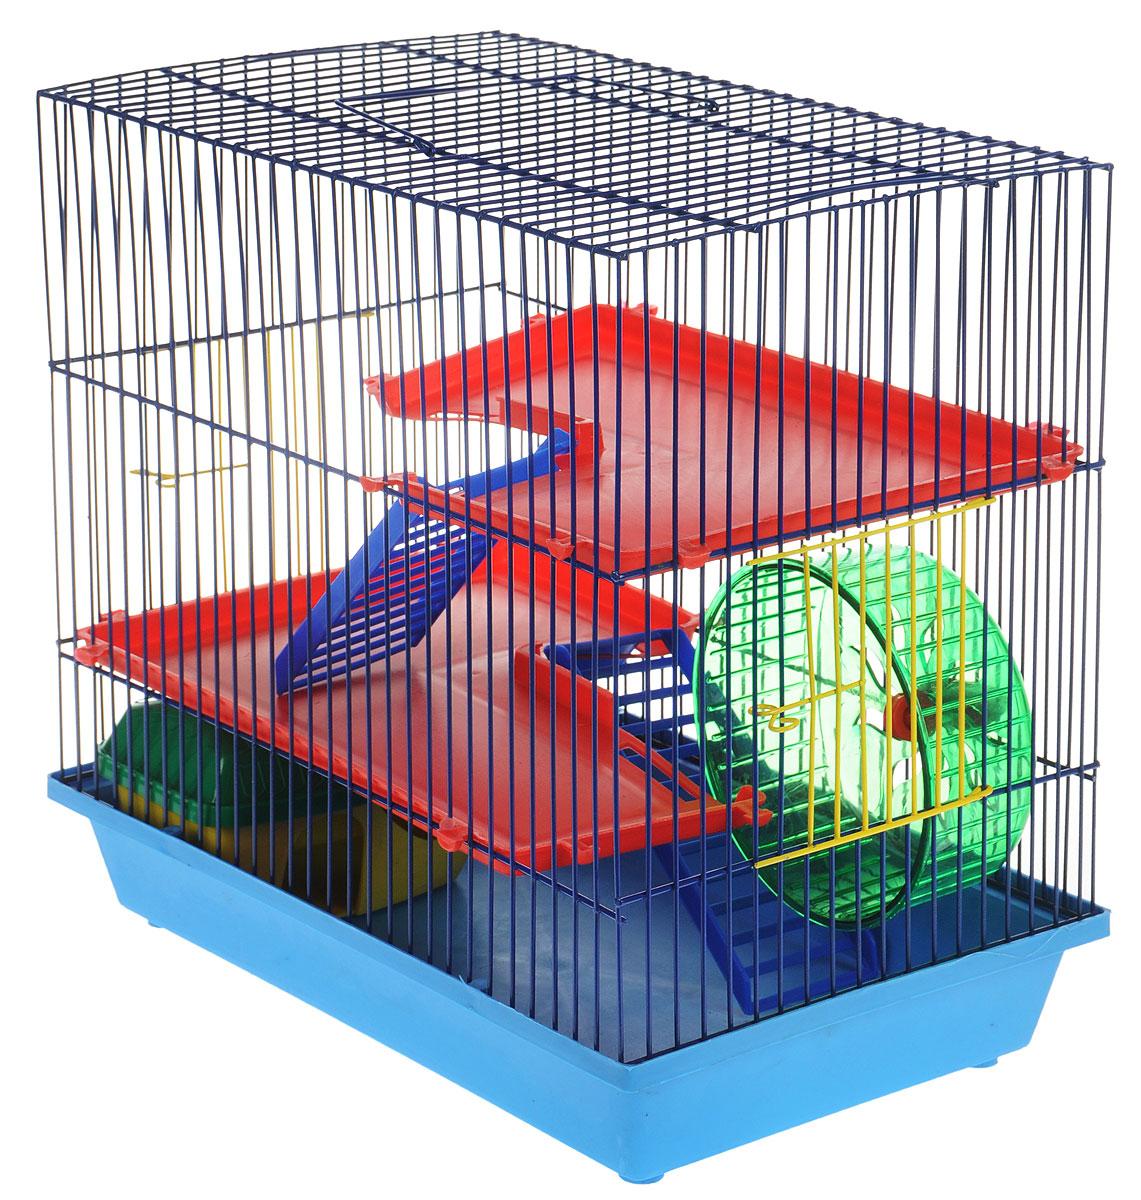 Клетка для грызунов ЗооМарк, 3-этажная, цвет: голубой поддон, синяя решетка, красные этажи, 36 х 22,5 х 34 см. 135135ССКлетка ЗооМарк, выполненная из полипропилена и металла, подходит для мелких грызунов. Изделие трехэтажное, оборудовано колесом для подвижных игр и пластиковым домиком. Клетка имеет яркий поддон, удобна в использовании и легко чистится. Сверху имеется ручка для переноски, а сбоку удобная дверца. Такая клетка станет уединенным личным пространством и уютным домиком для маленького грызуна.